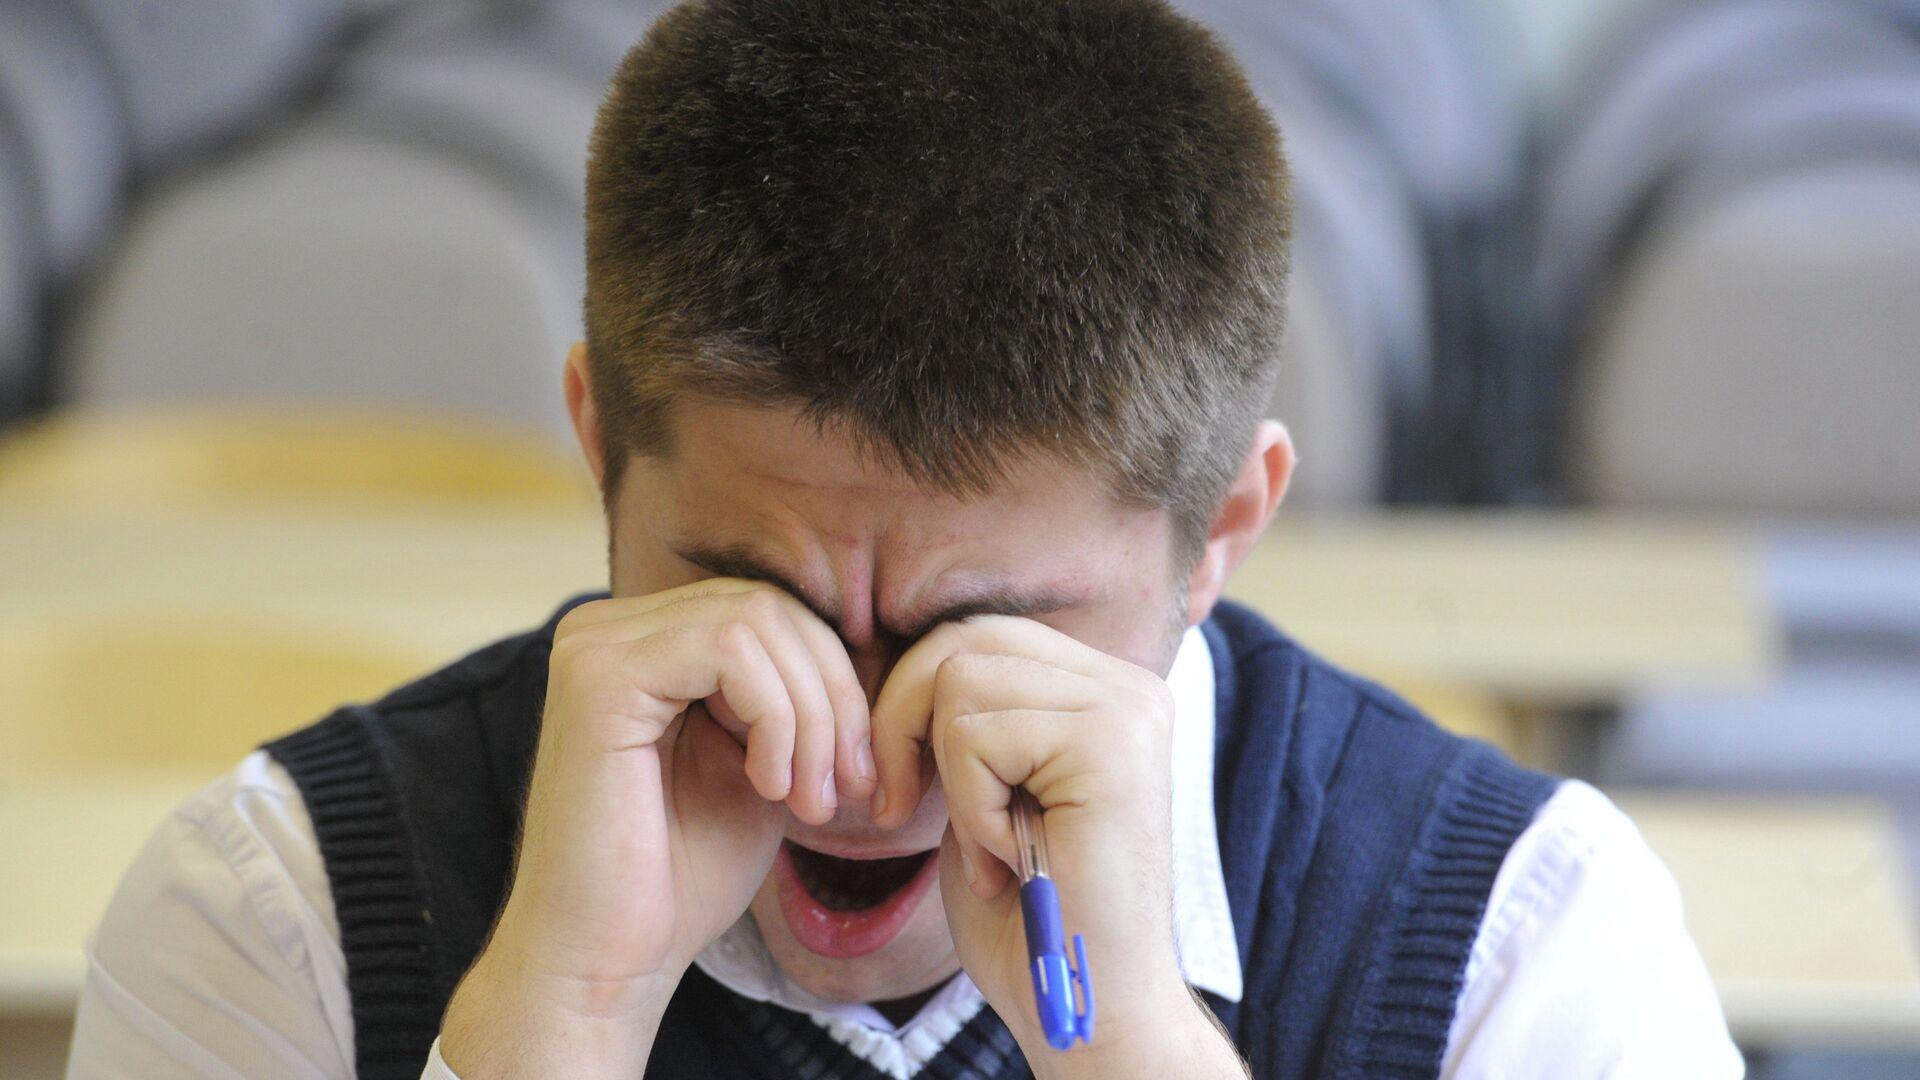 Мужчина зевает. Архивное фото - РИА Новости, 1920, 13.02.2021